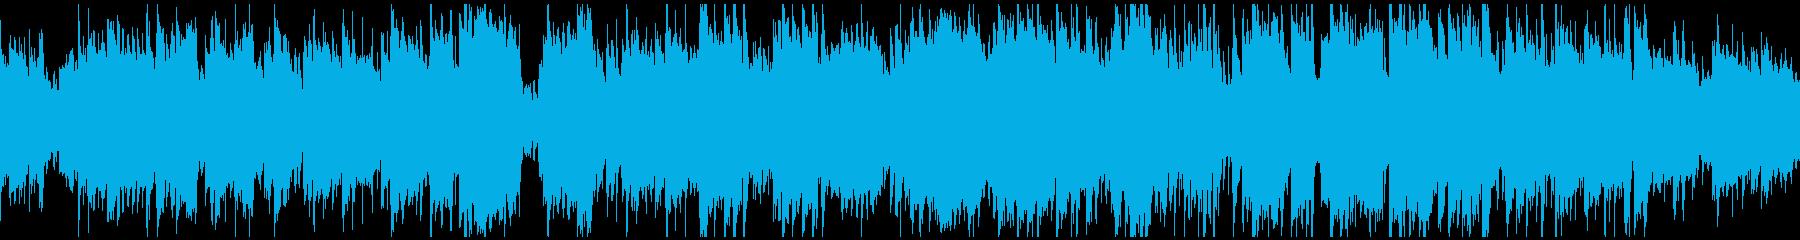 ほのぼの和洋折衷な日常BGM ※ループ版の再生済みの波形